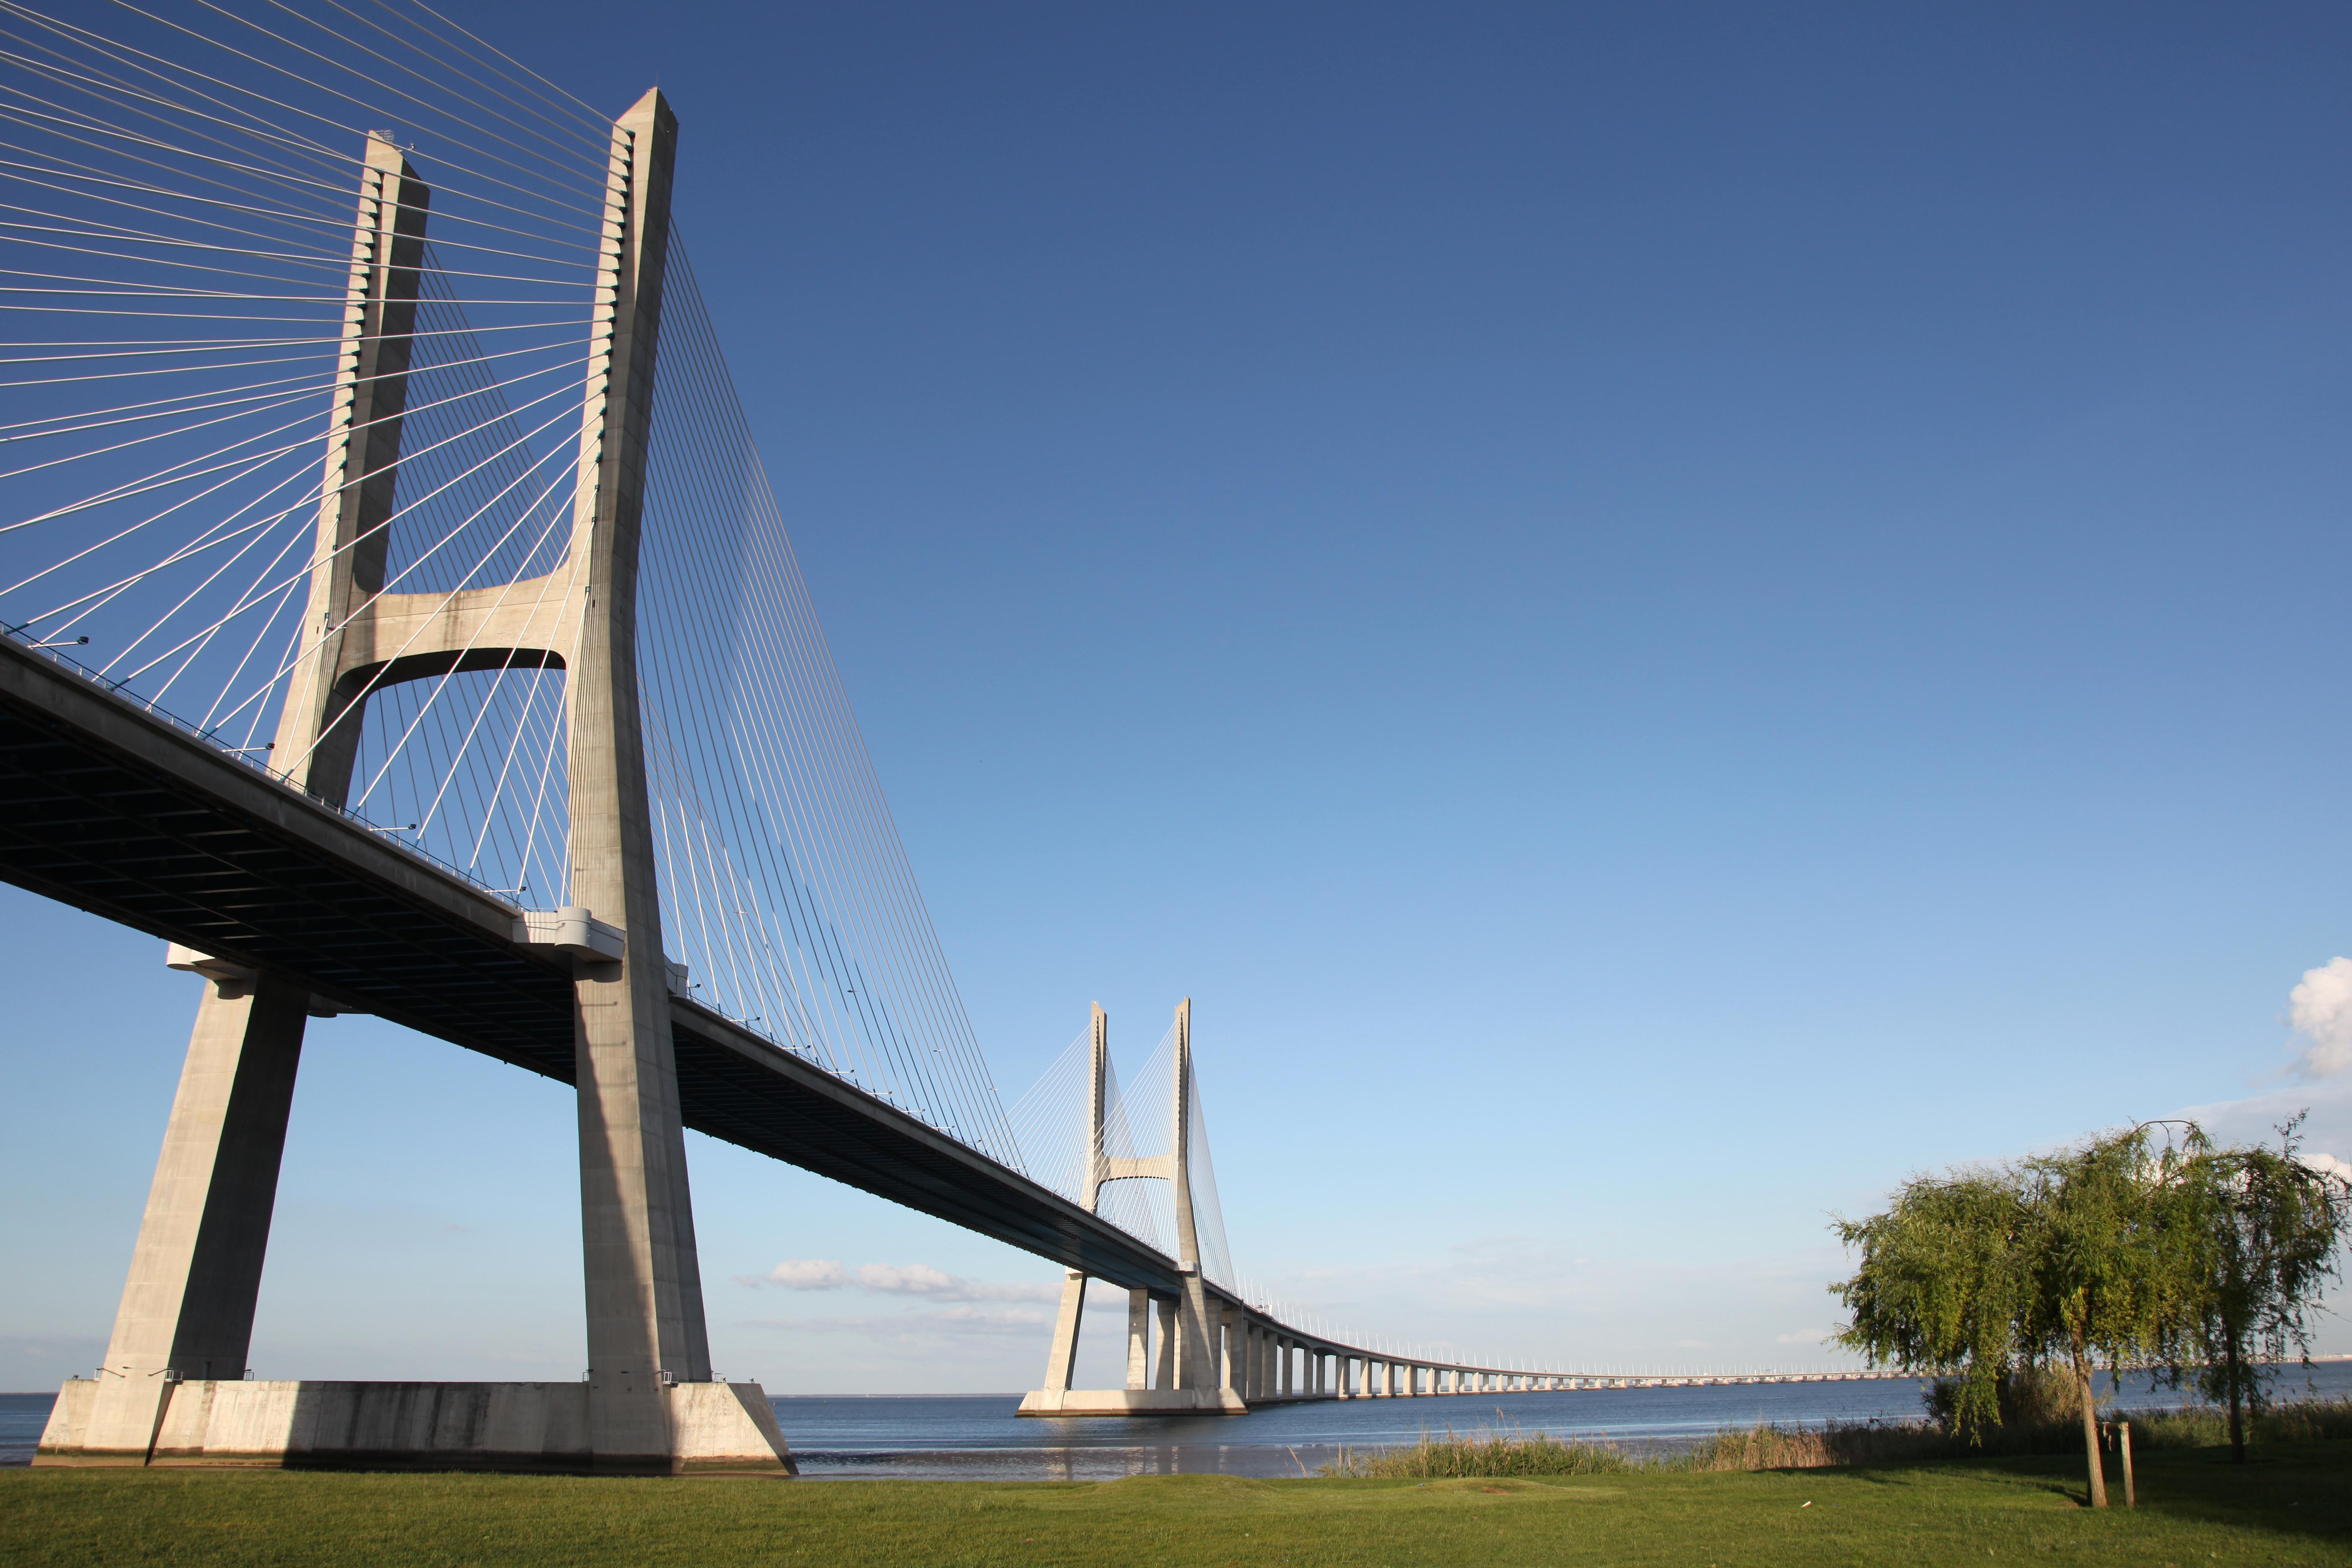 A Ponte Vasco da Gama e a engenharia vanguardista